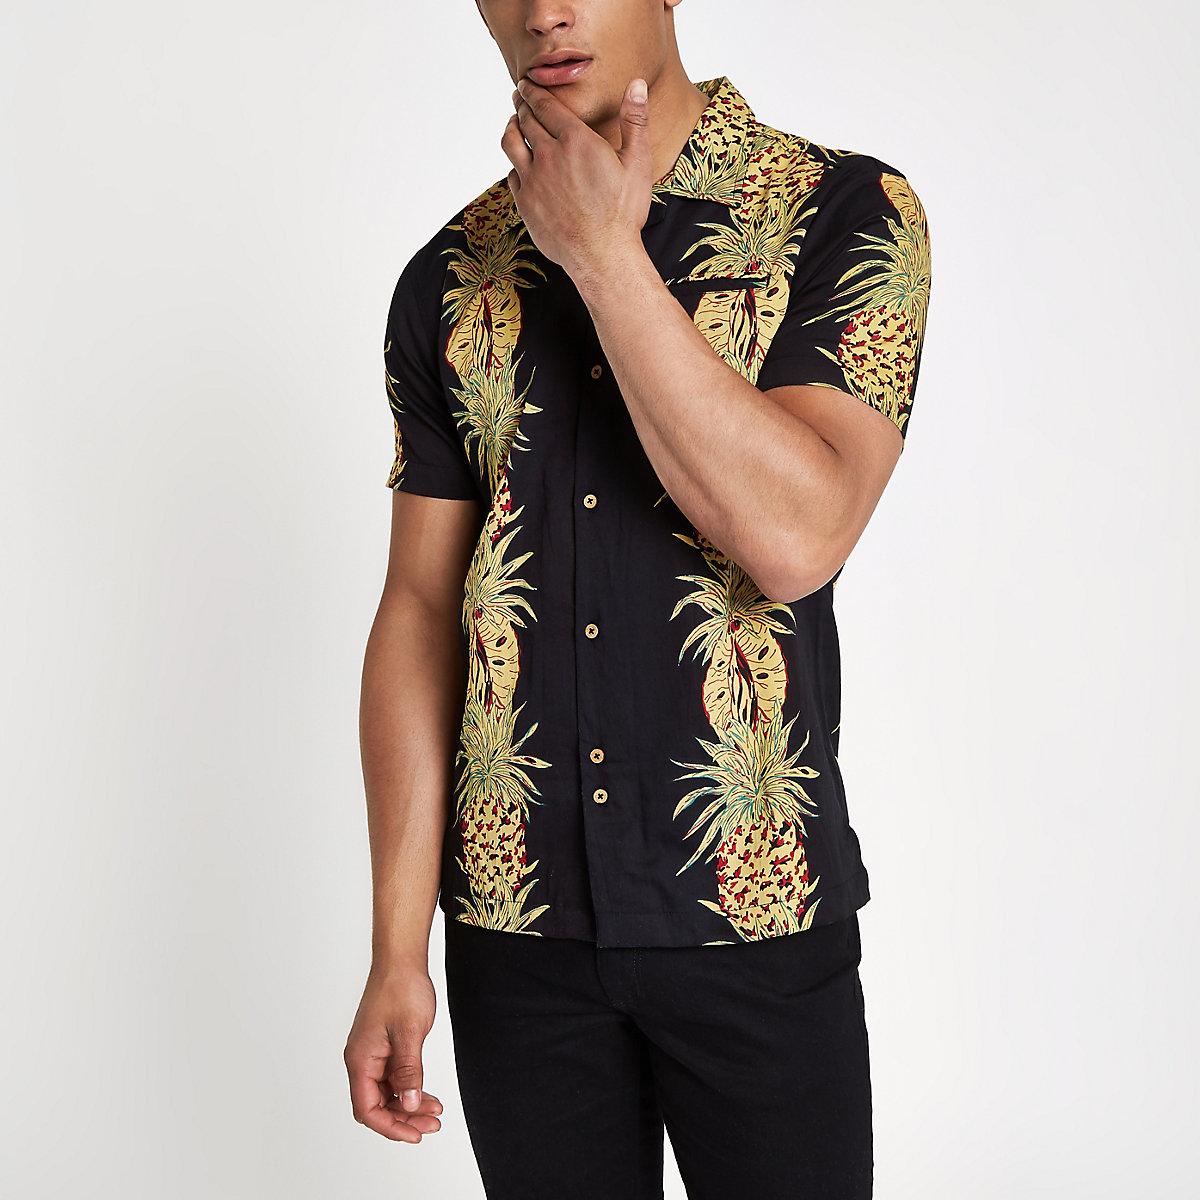 Bellfield – Schwarzes Hemd mit Ananas-Print